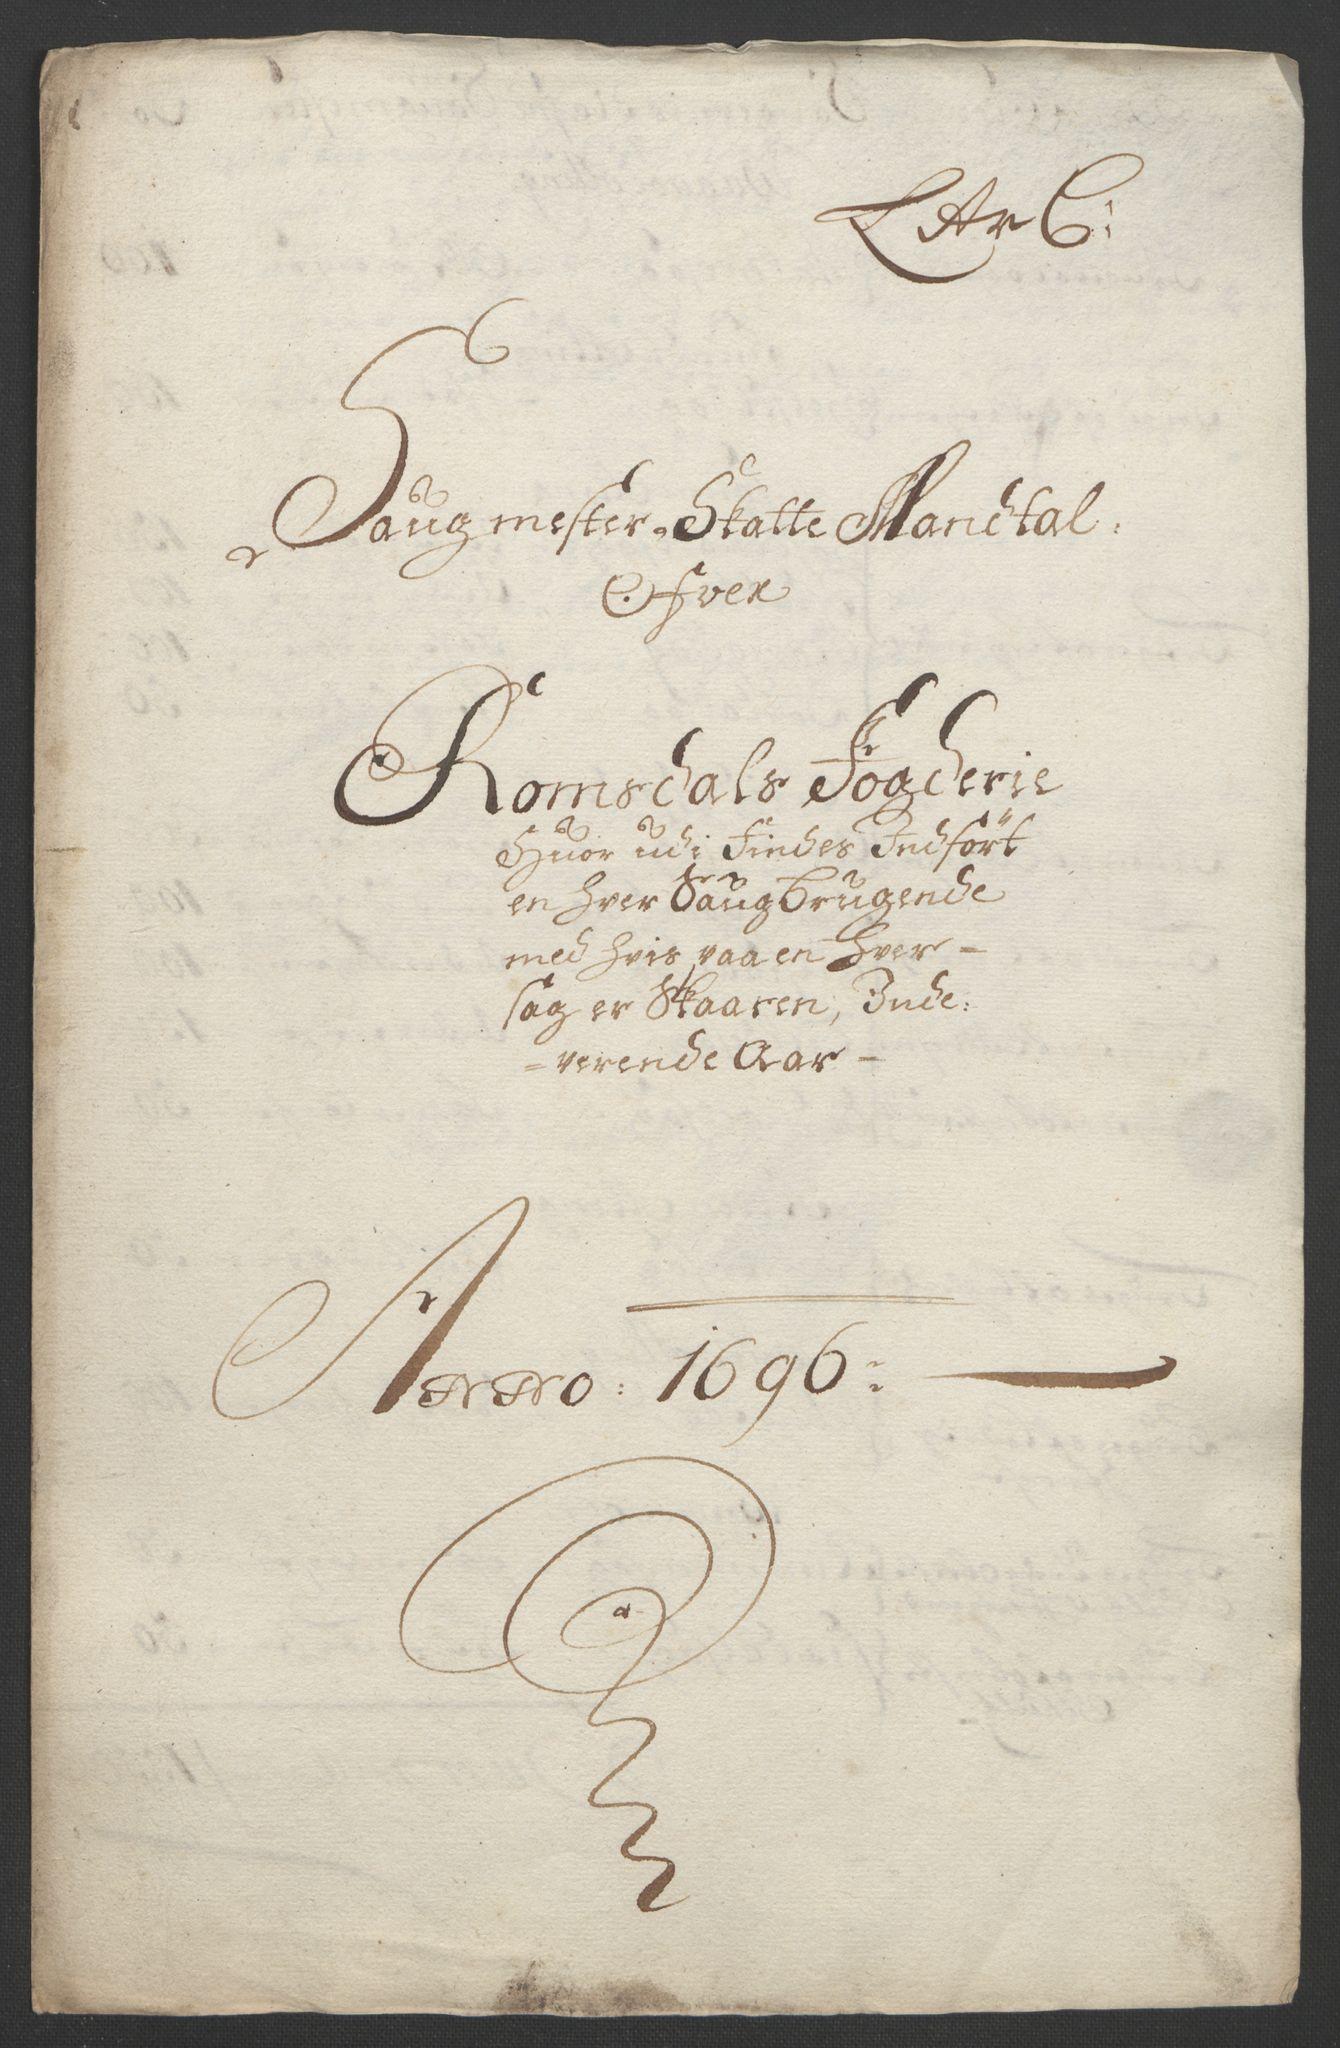 RA, Rentekammeret inntil 1814, Reviderte regnskaper, Fogderegnskap, R55/L3652: Fogderegnskap Romsdal, 1695-1696, s. 223